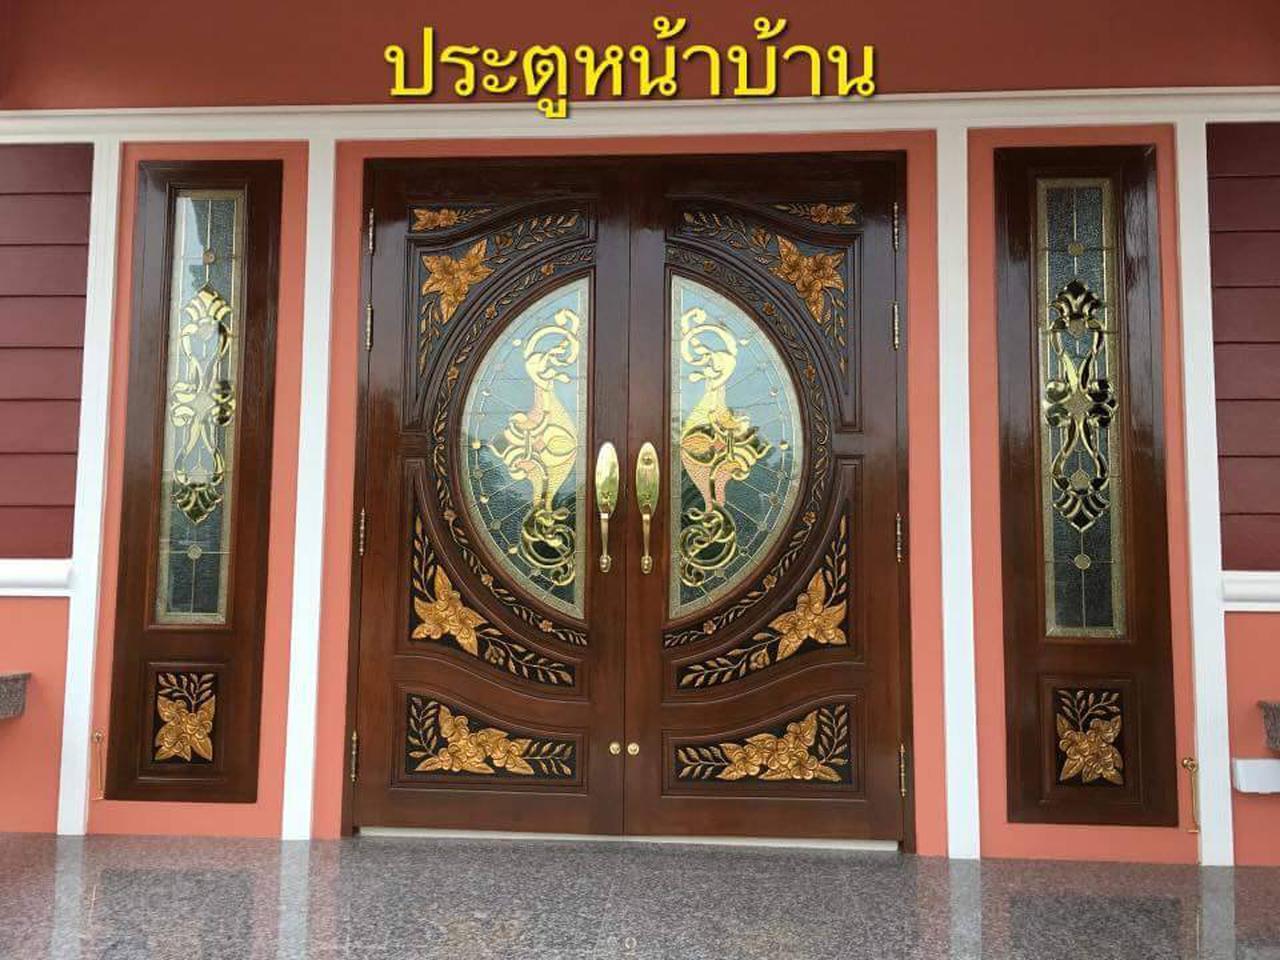 ประตูไม้สัก , ประตูไม้สักกระจกนิรภัย , ประตูหน้าต่าง ร้านวรกานต์ค้าไม้ door-woodhome รูปที่ 1